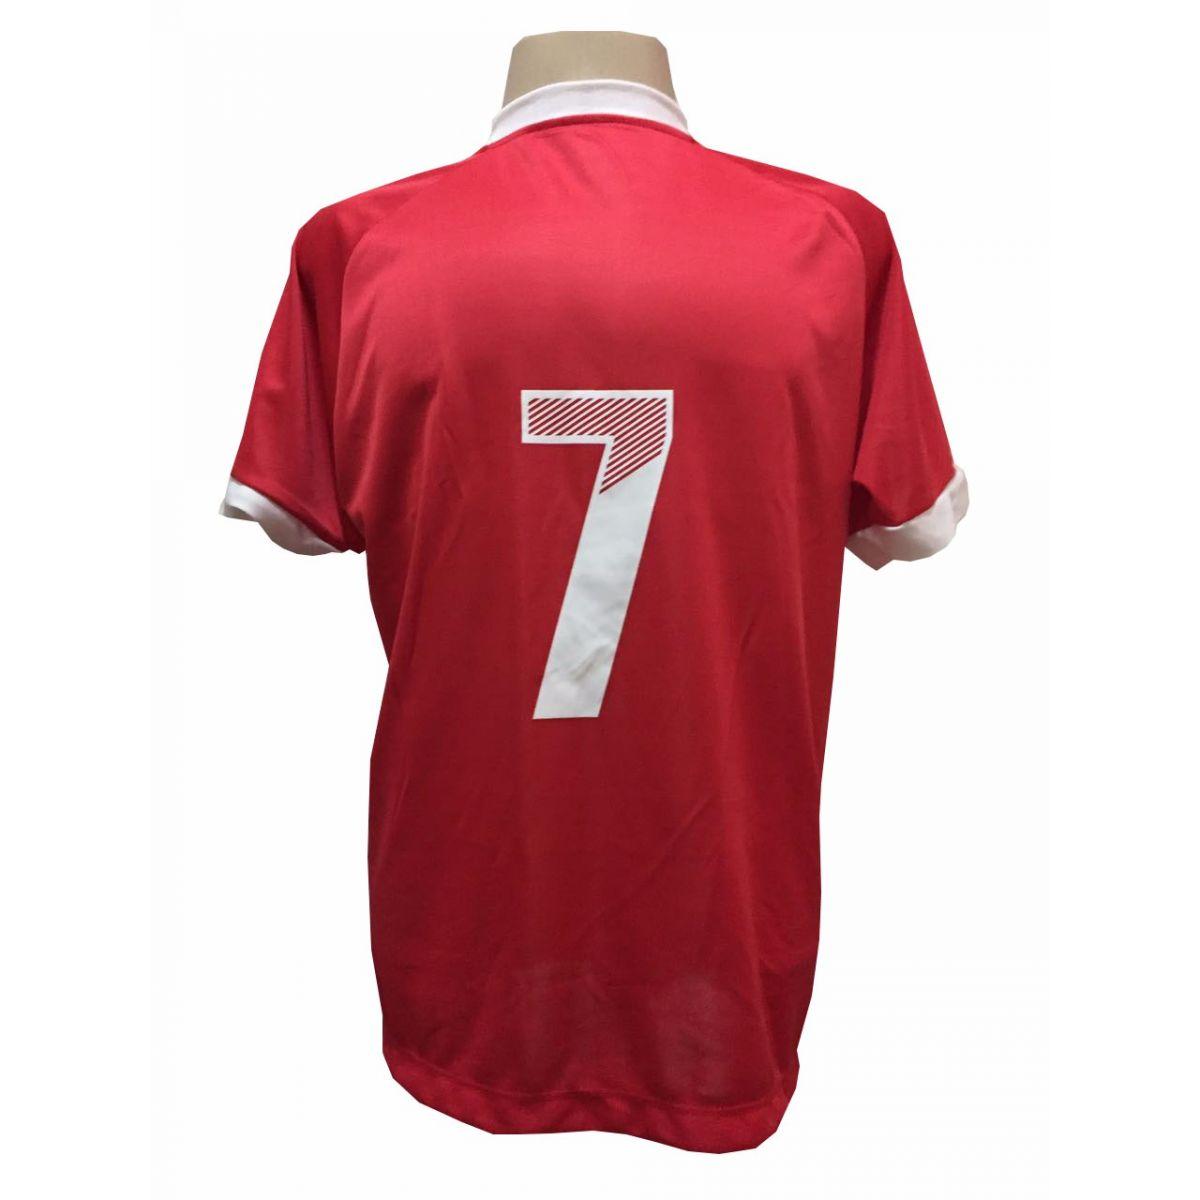 Uniforme Esportivo com 20 Camisas modelo Bélgica Vermelho/Branco + 20 Calções modelo Madrid Branco